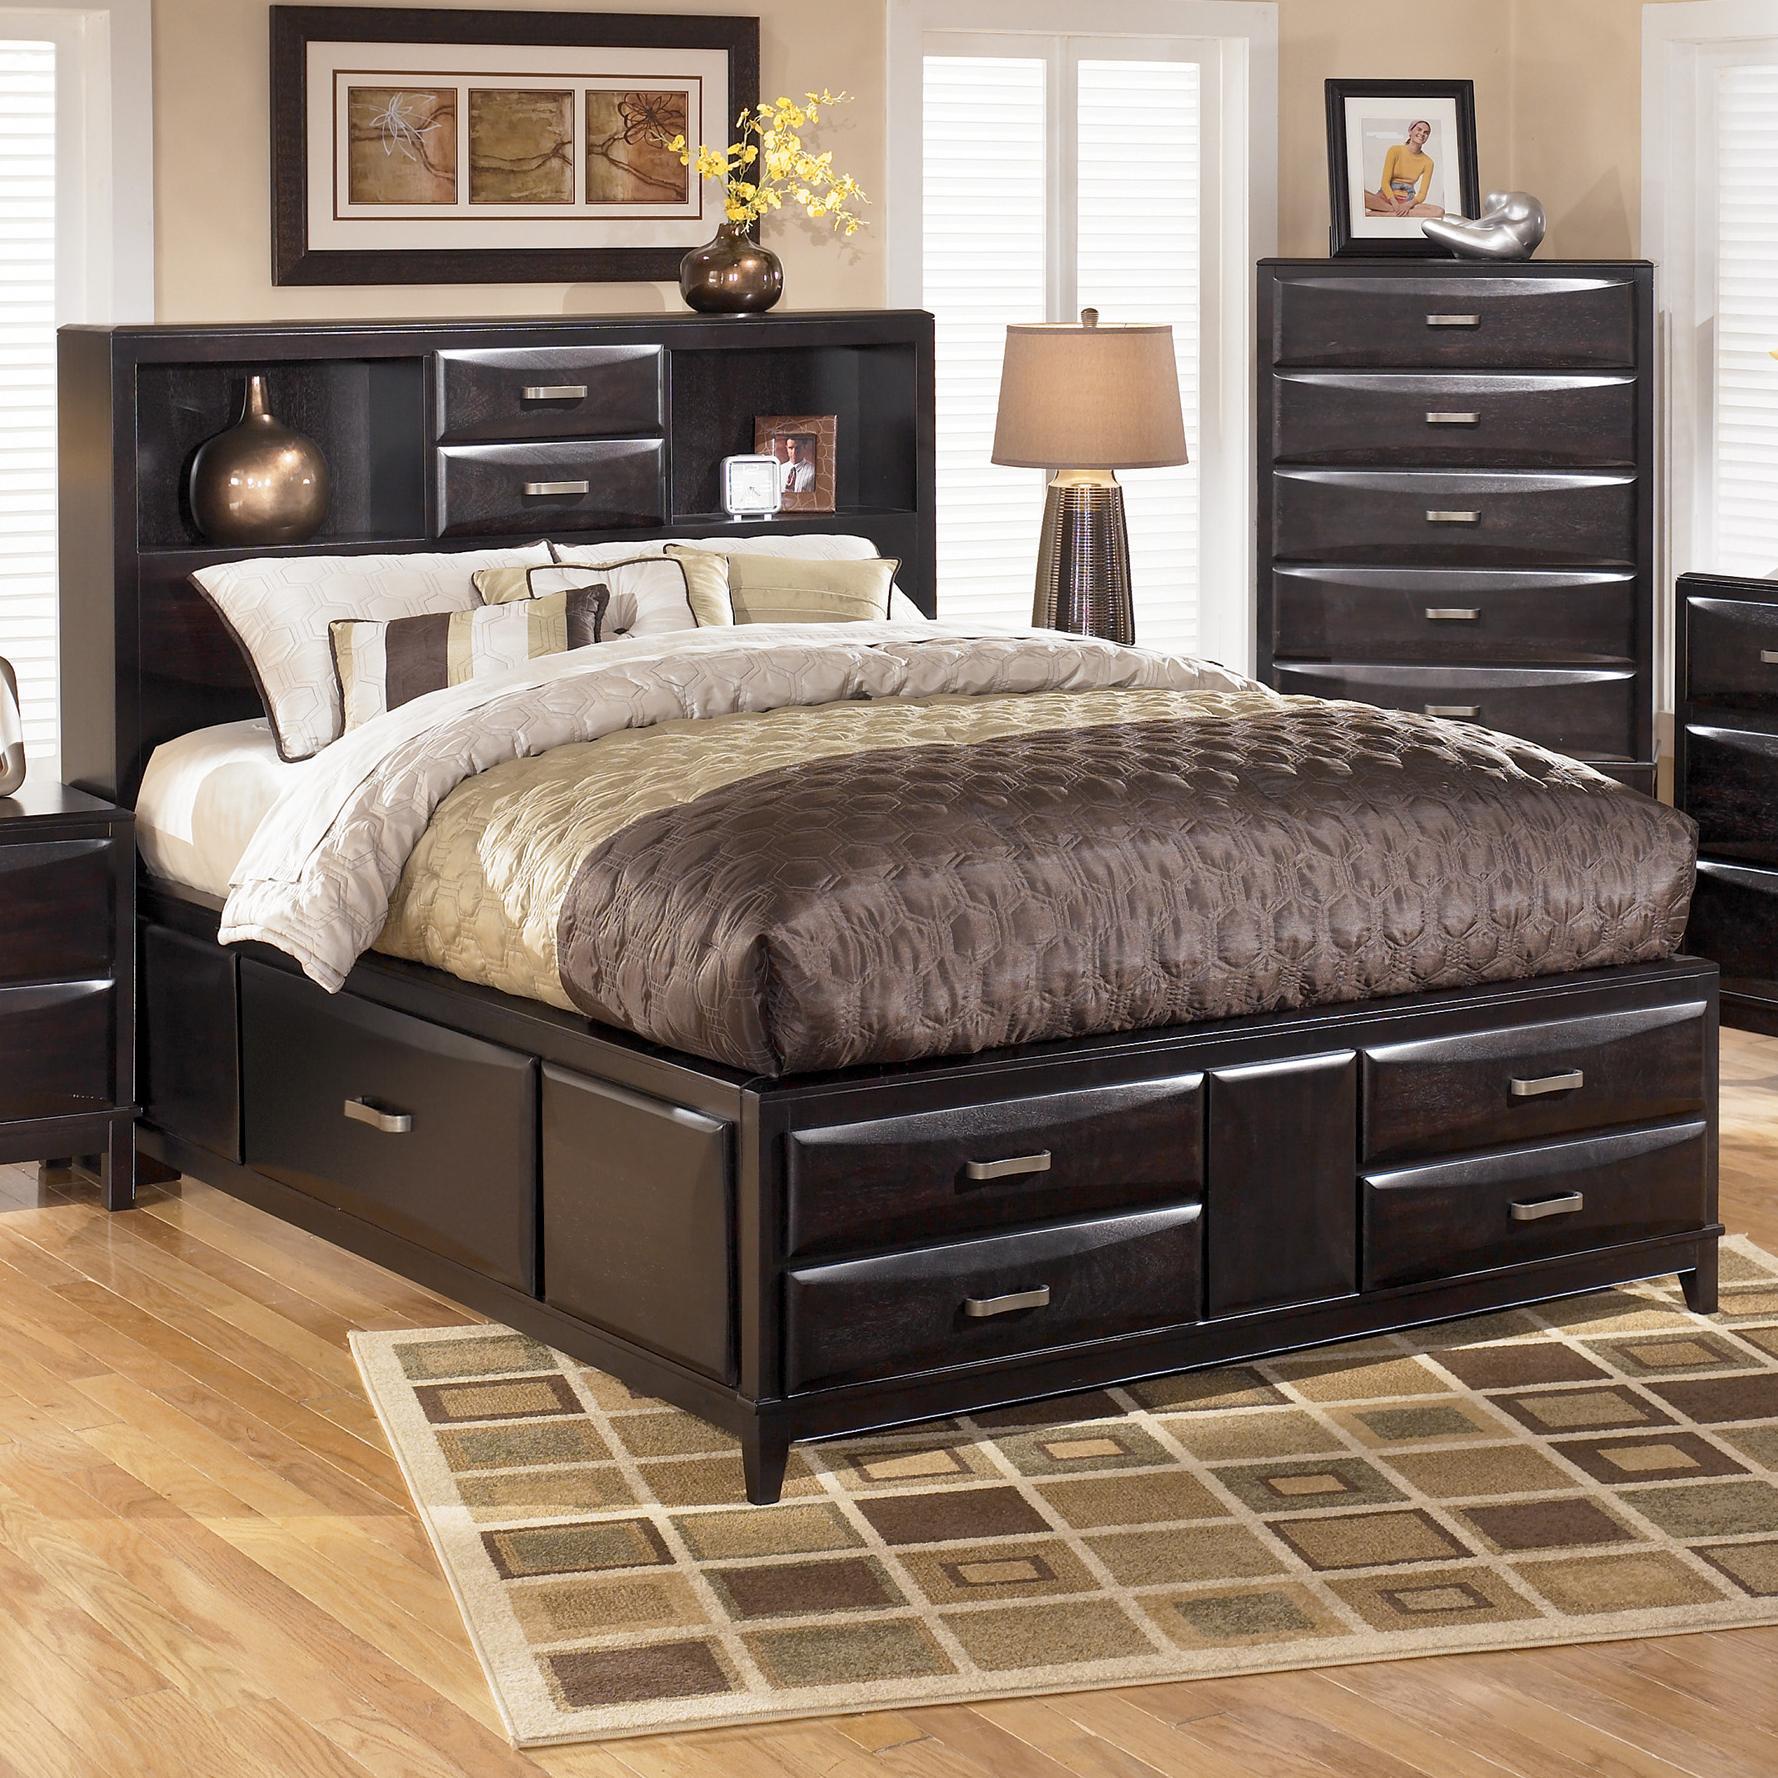 Ashley furniture bed frames roselawnlutheran Ashley furniture marsilona bedroom set